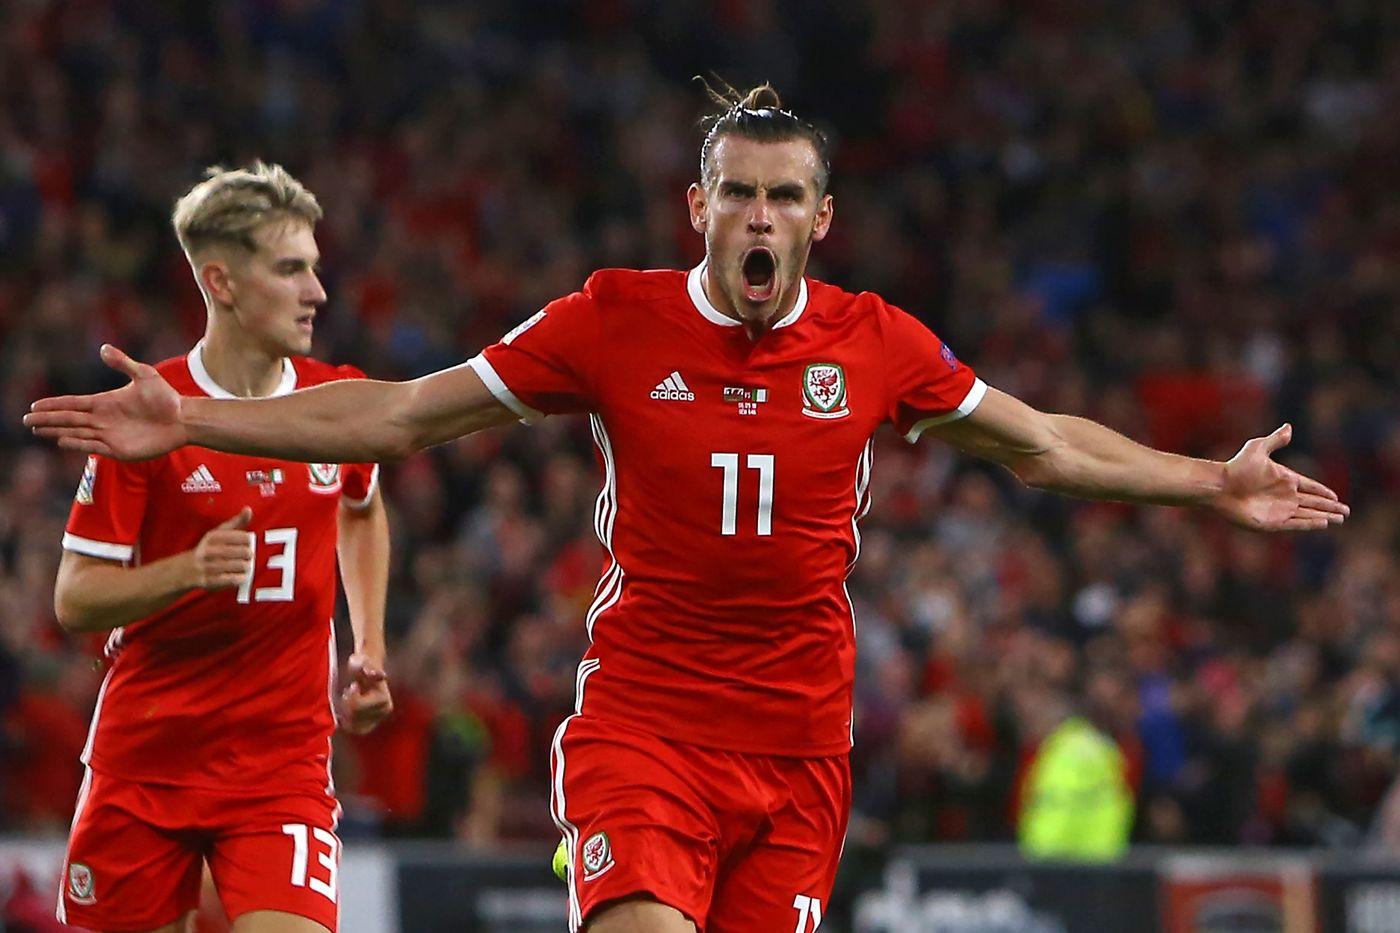 Mercato Inter 11 giugno: i nerazzurri sono sulle tracce di Gareth Bale, attaccante gallese del Real Madrid. Alti i costi dell'operazione.